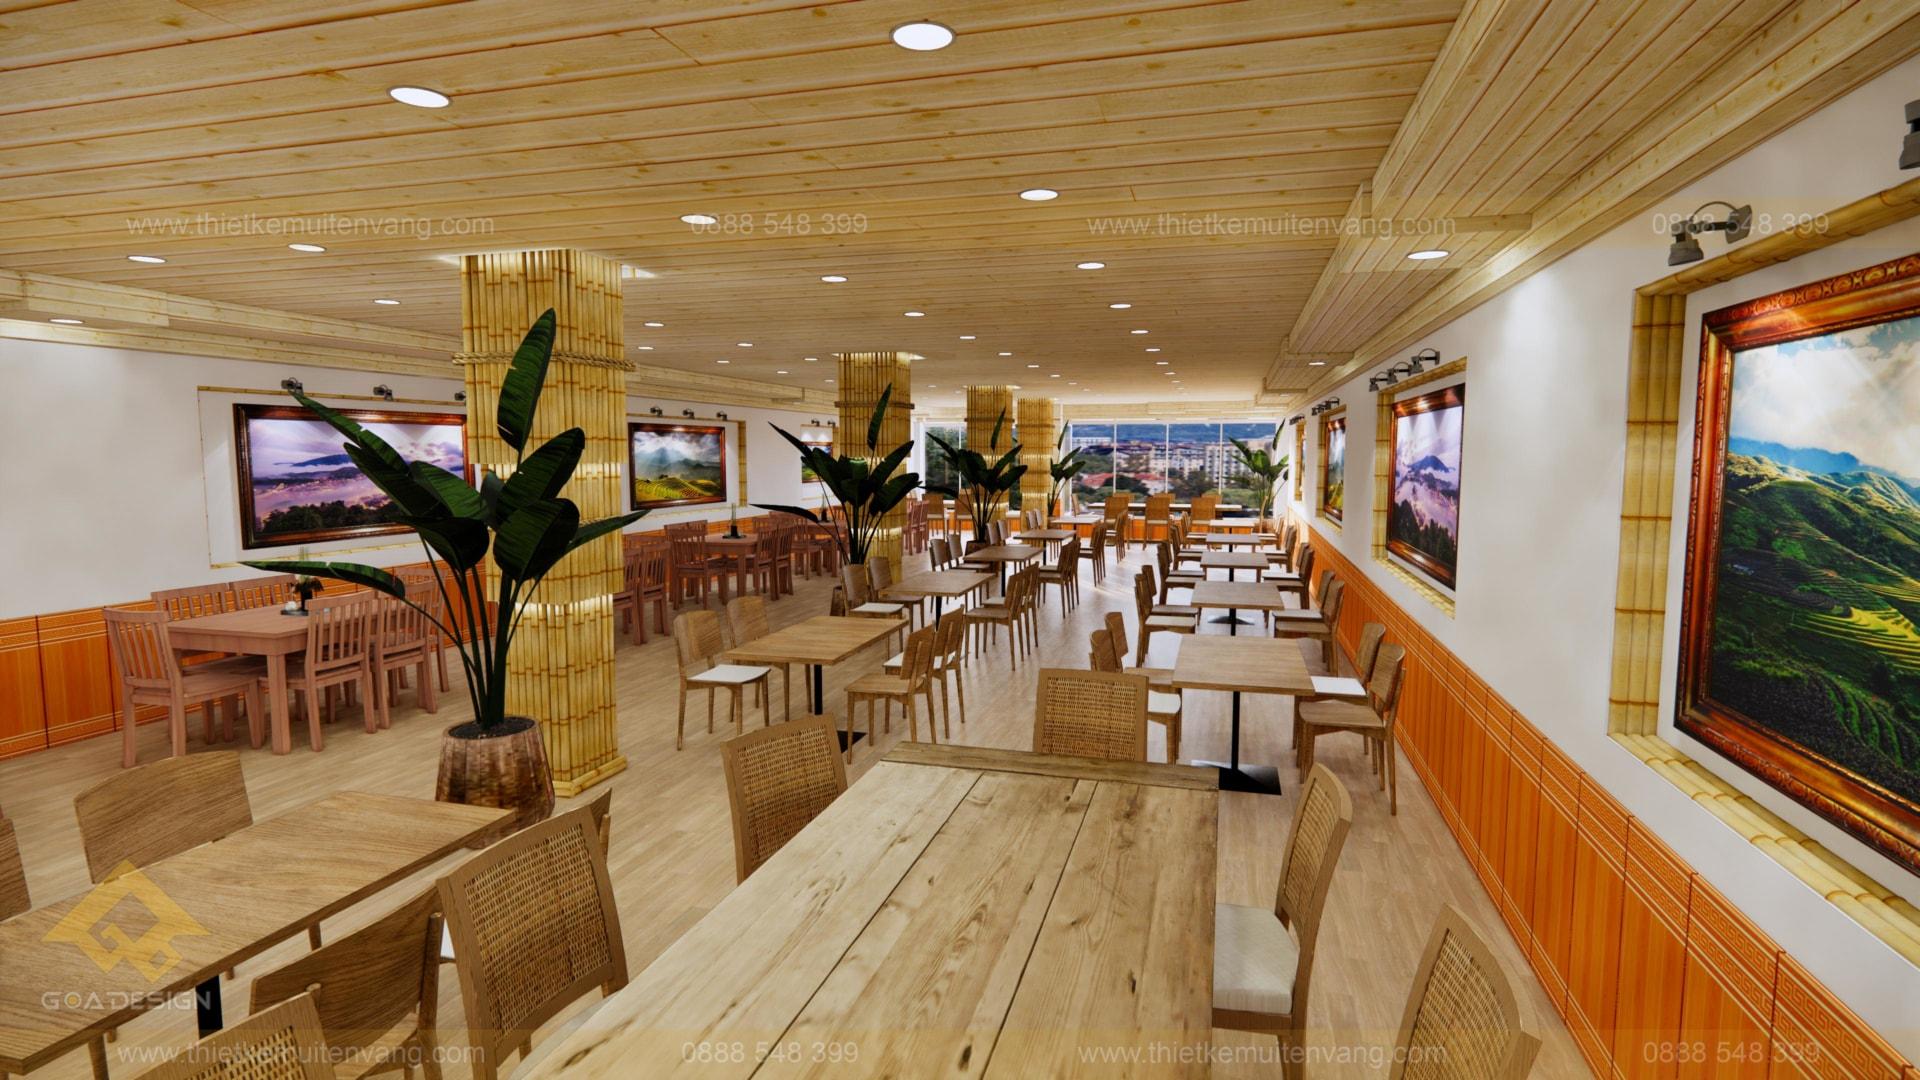 thiết kế nhà nhà hàng sapa 2020 (4)